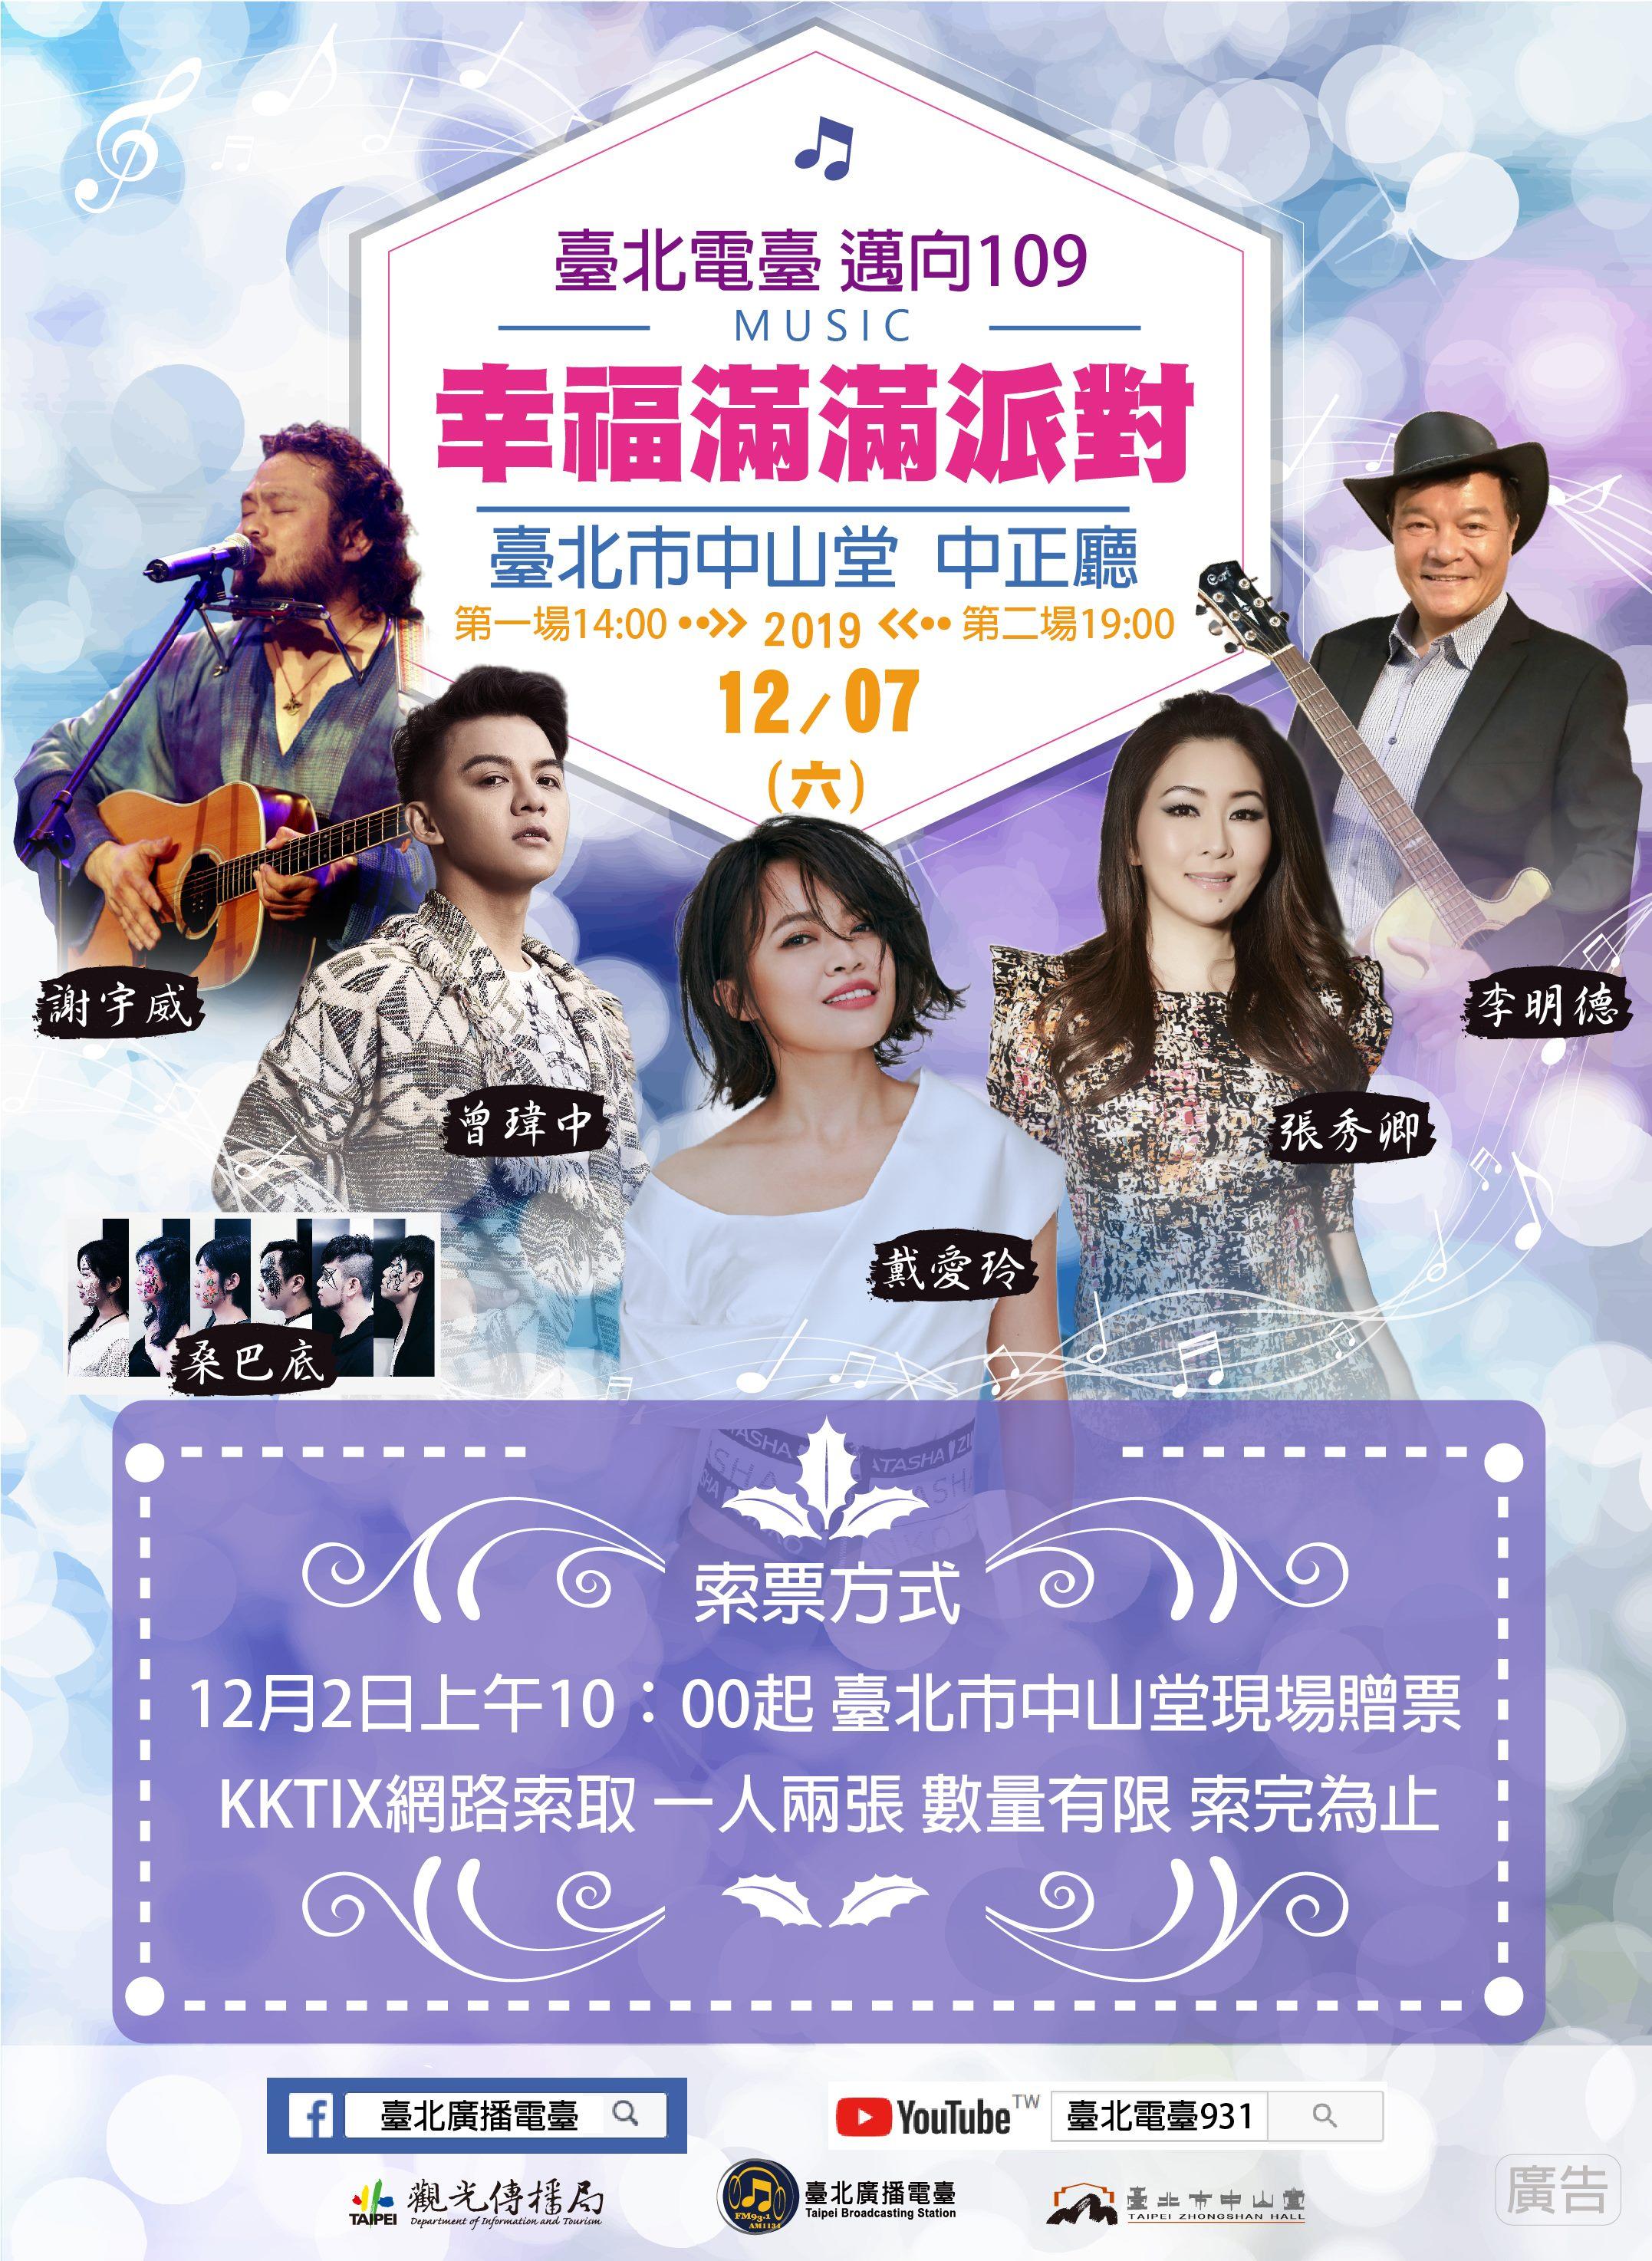 臺北電臺「邁向109-幸福滿滿派對」12月7日在中山堂登場